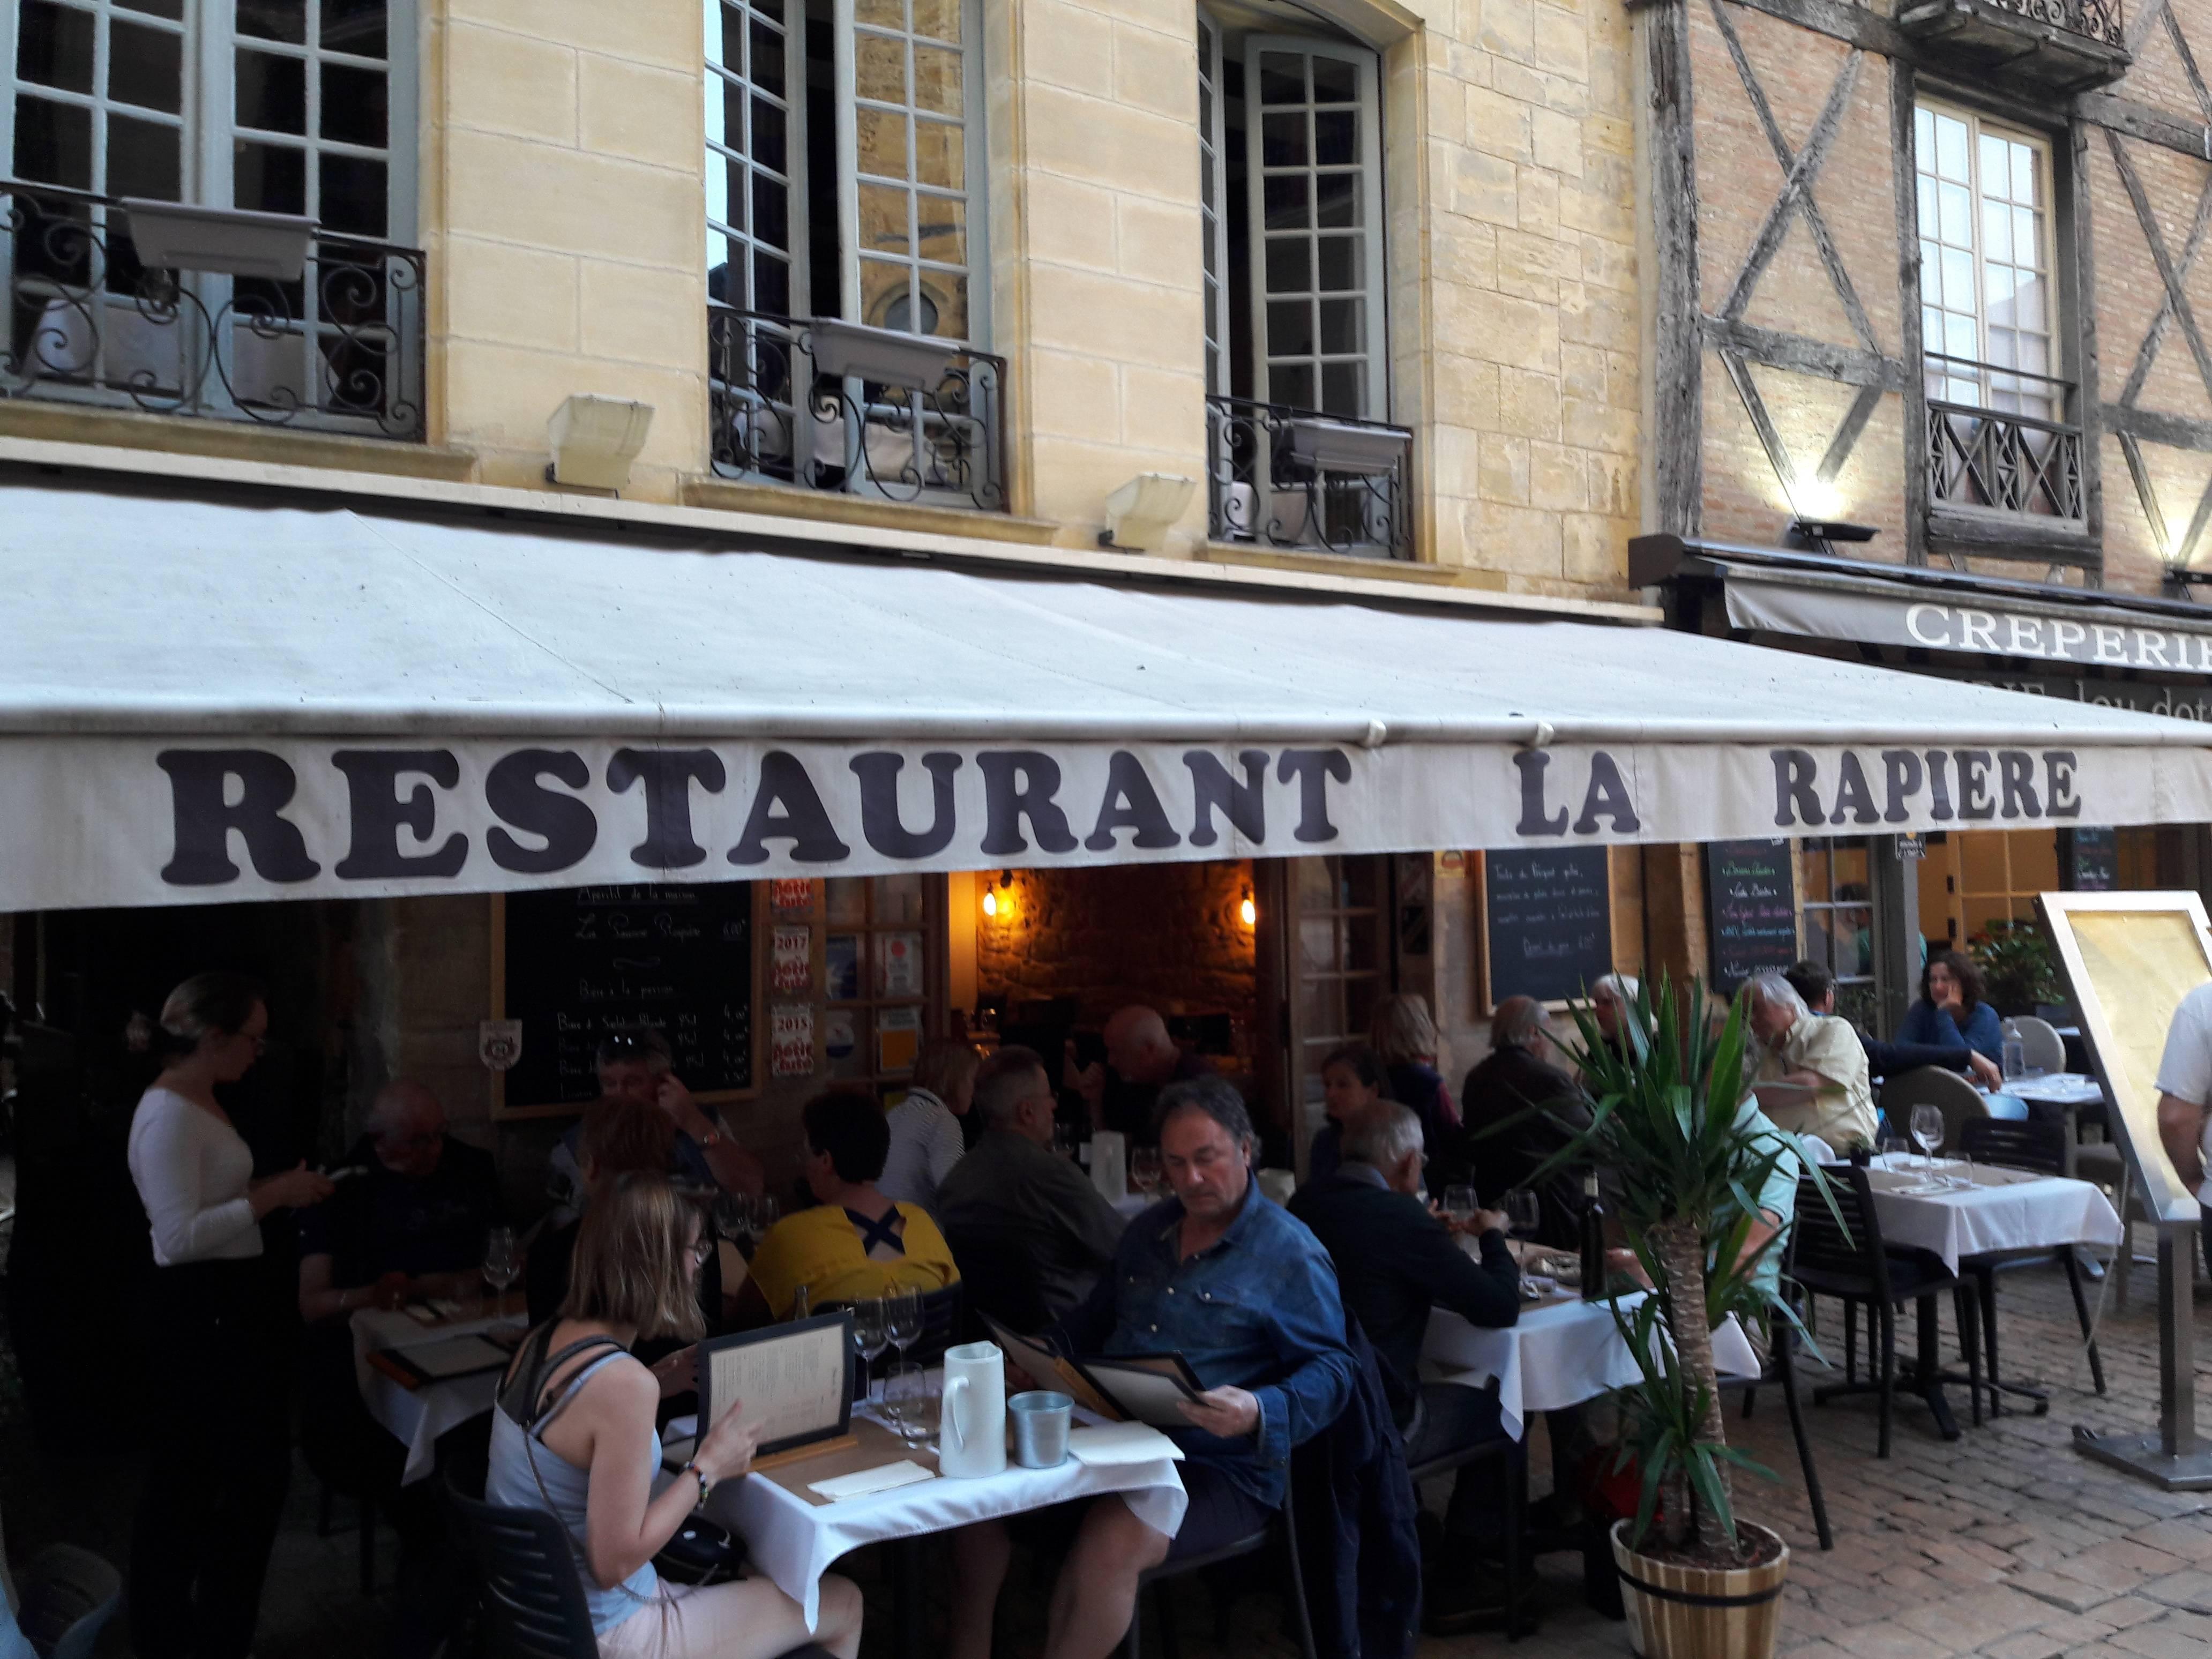 Photo 1: Un excellent restaurant, tout sur le canard!